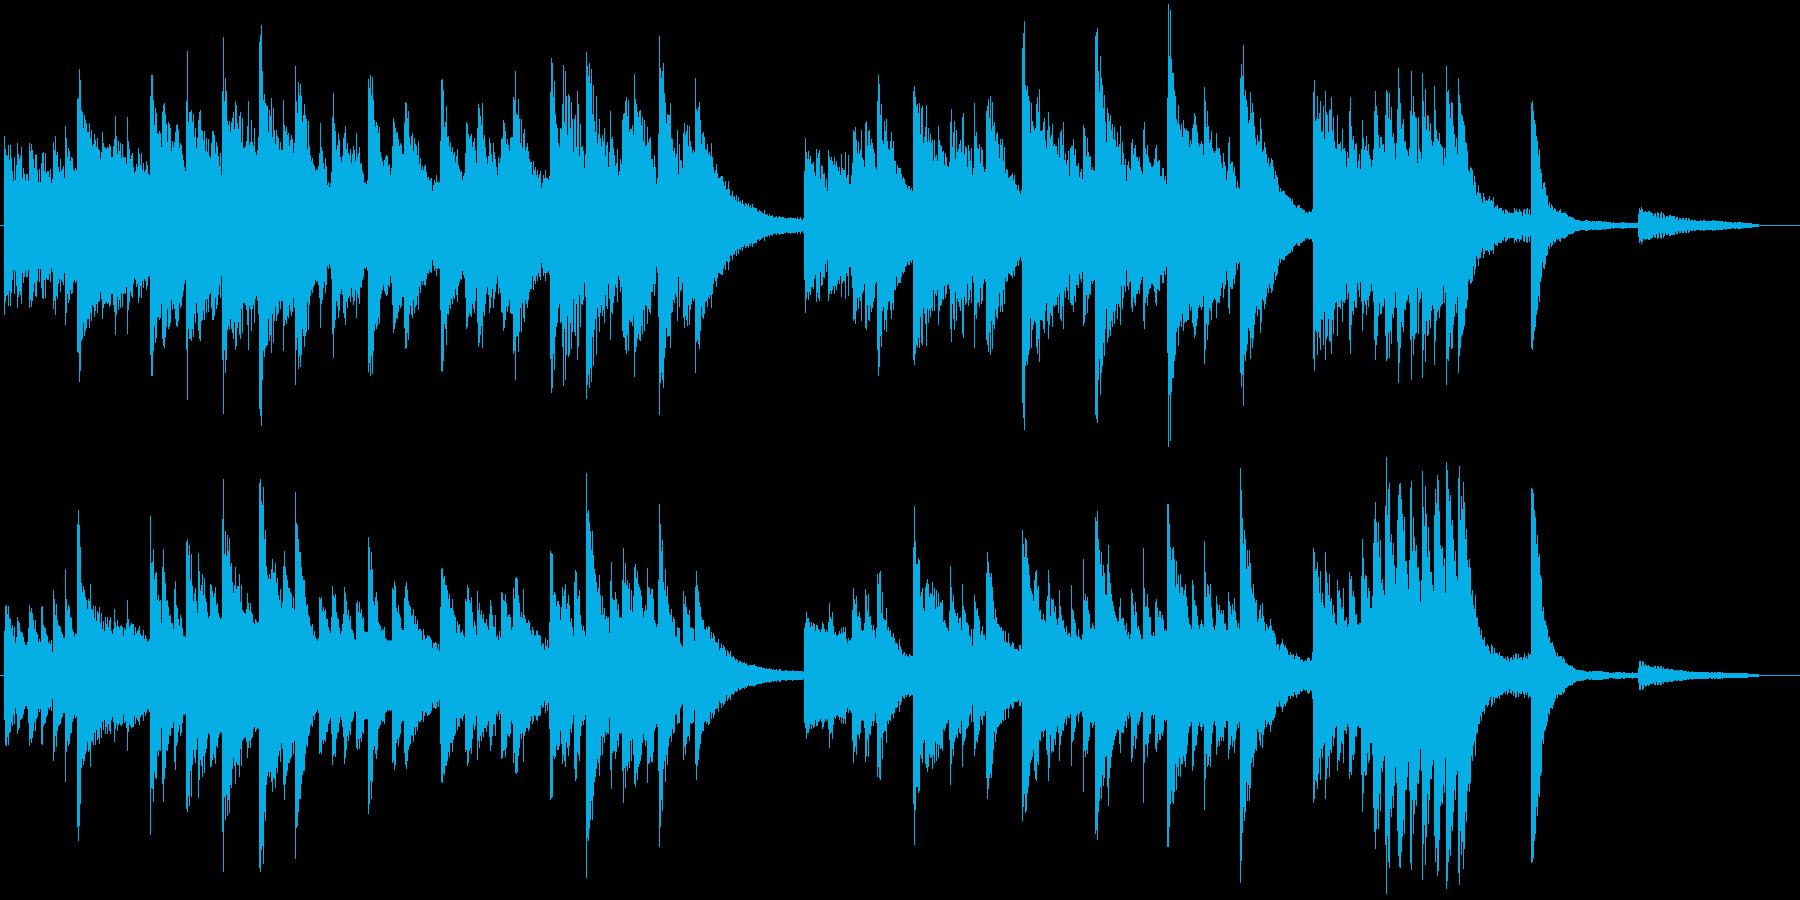 和やかなメロディの春らんまんピアノBGMの再生済みの波形